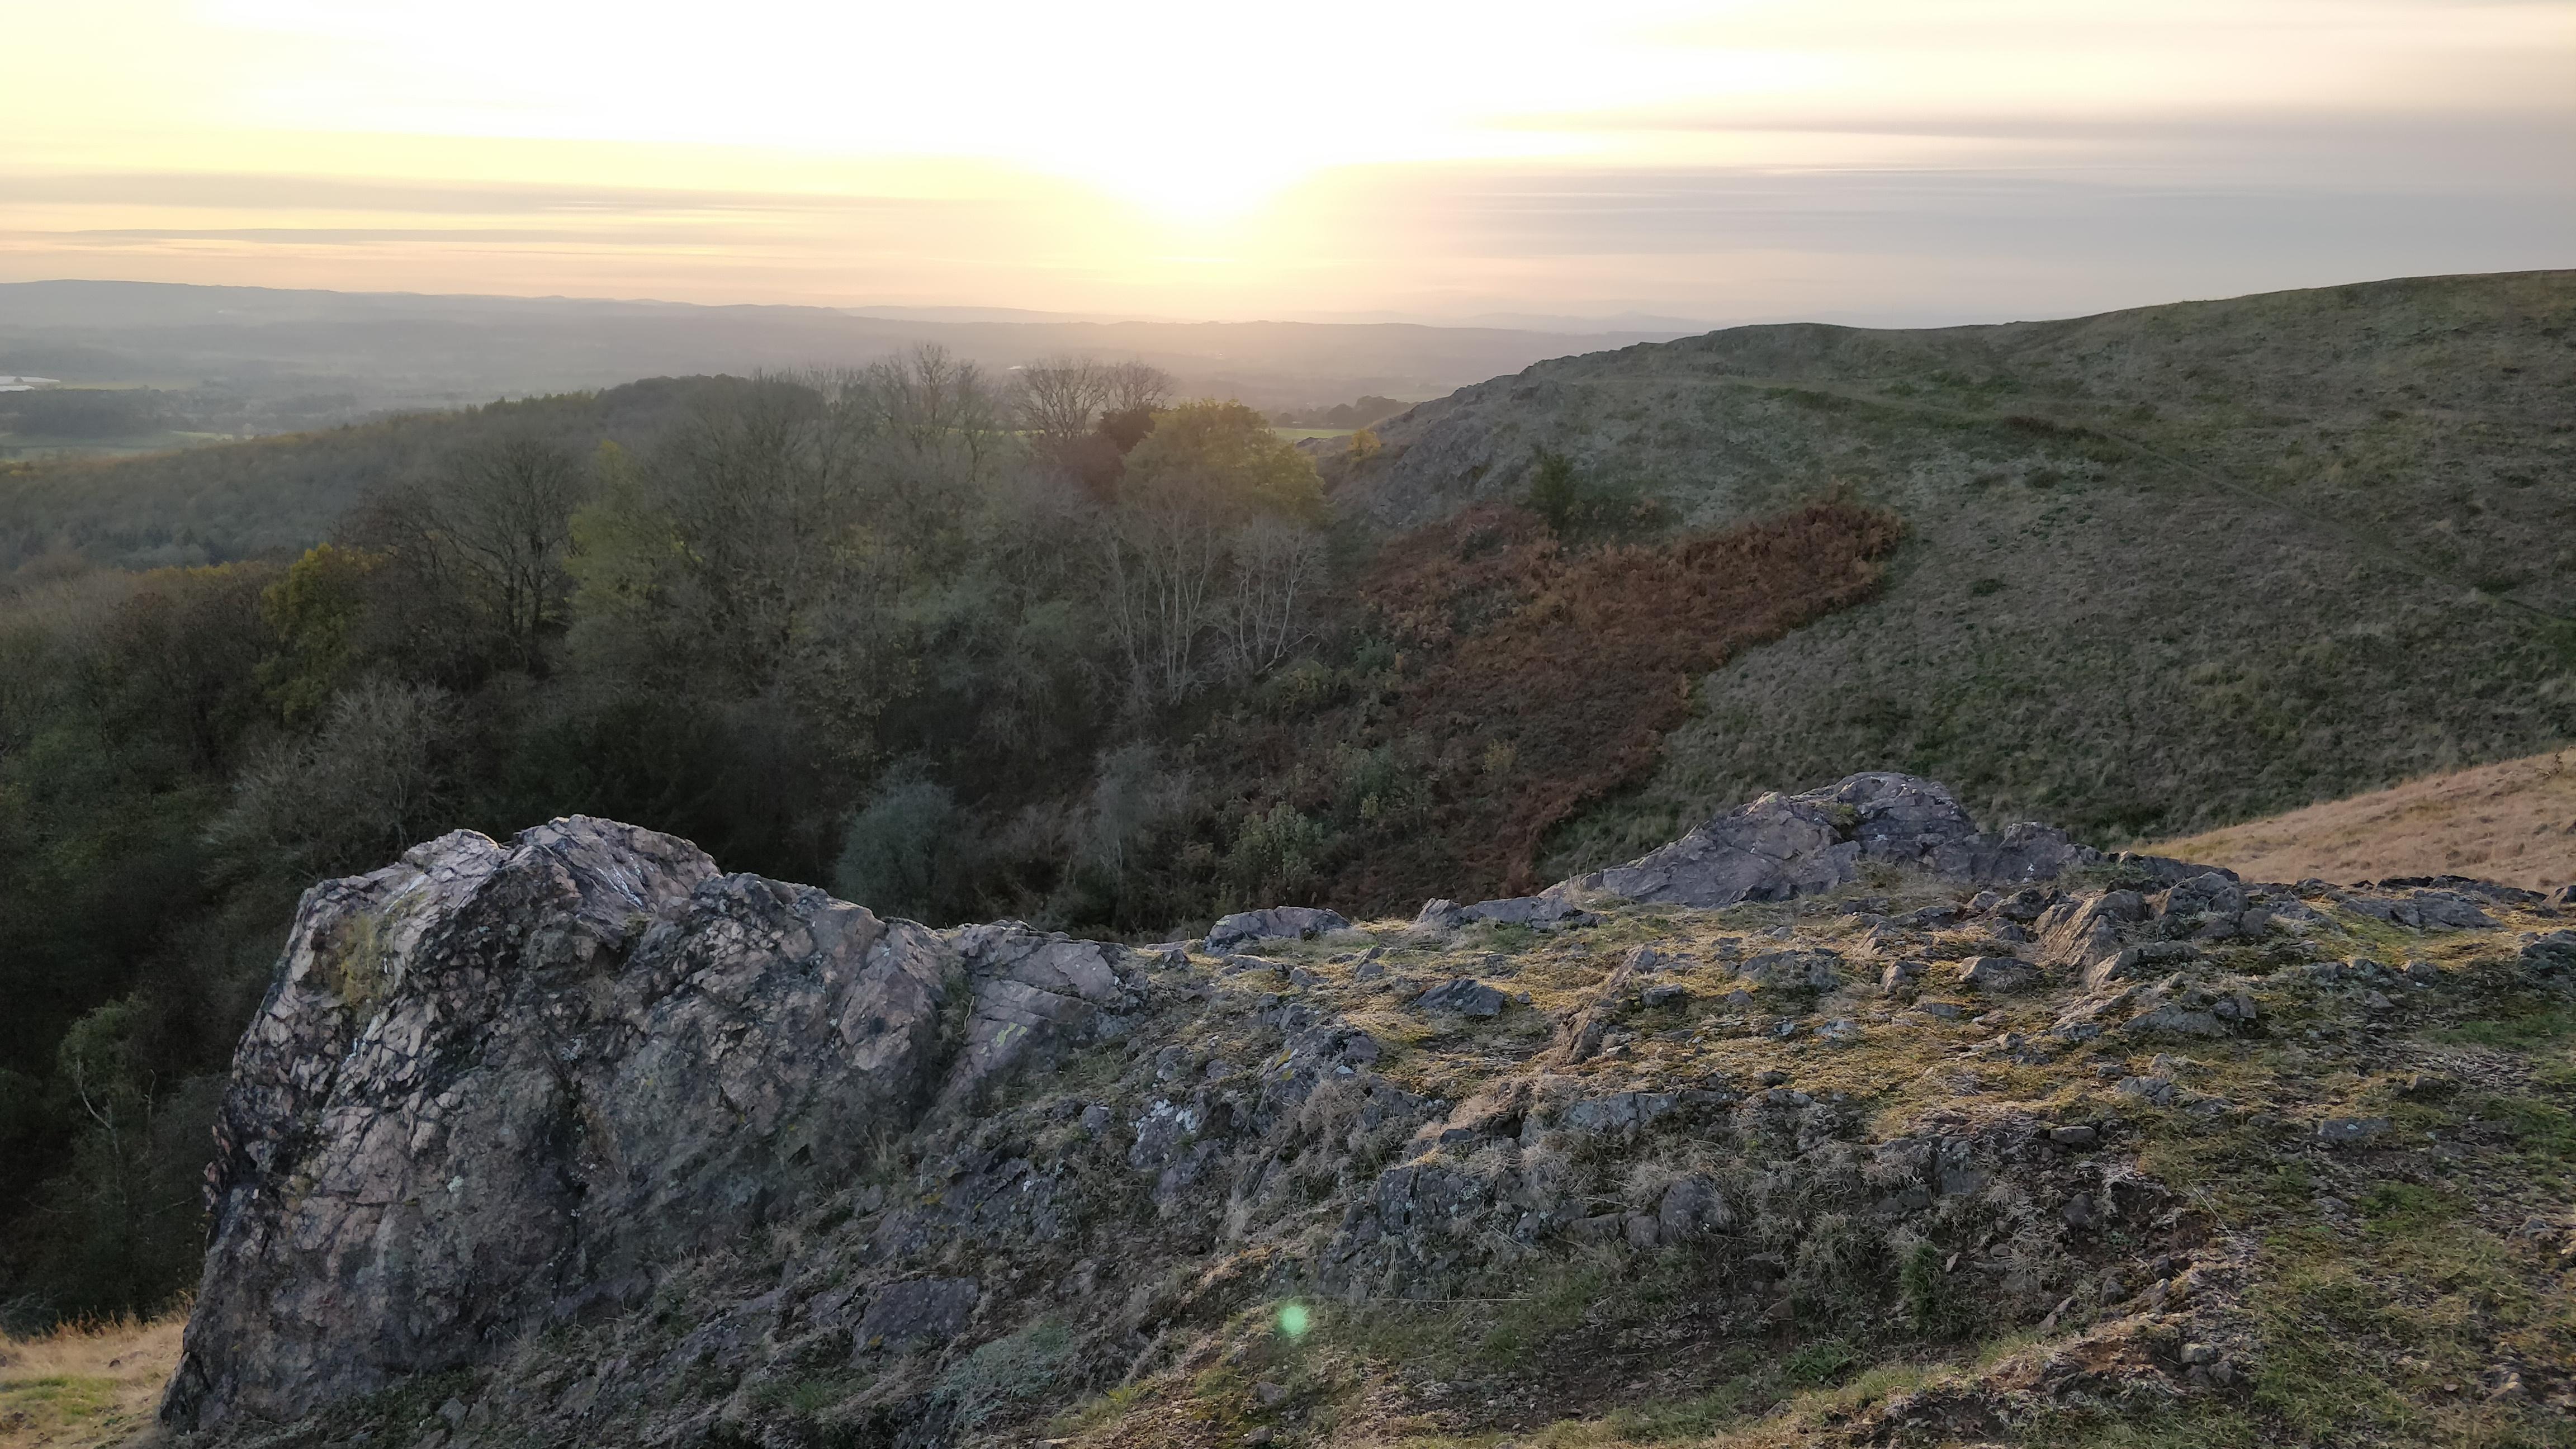 Malvern Hills, Ragged Stone